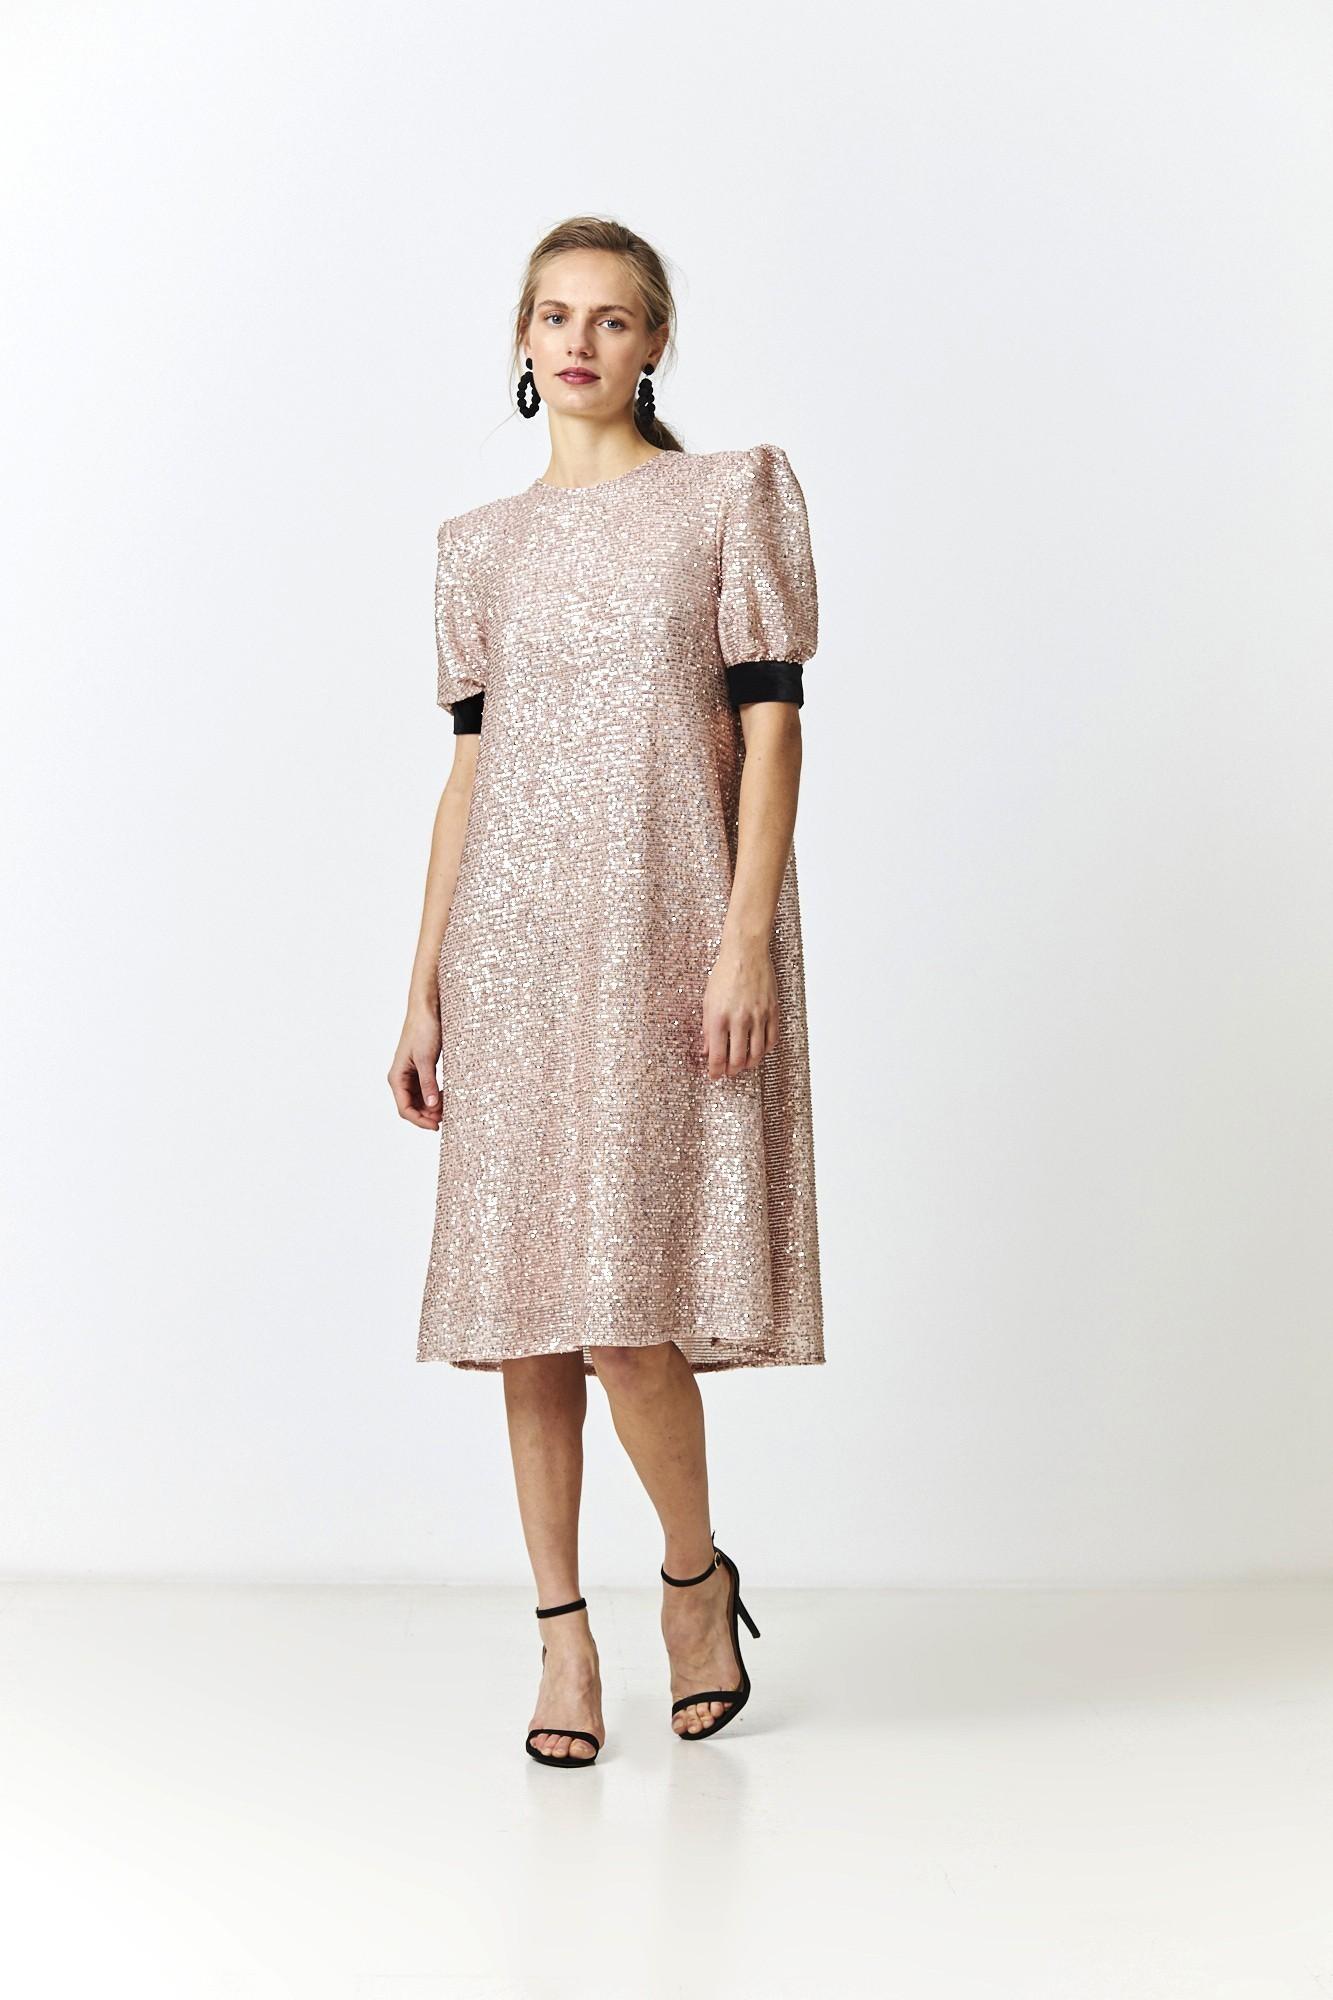 BRILLI BRILLI DRESS